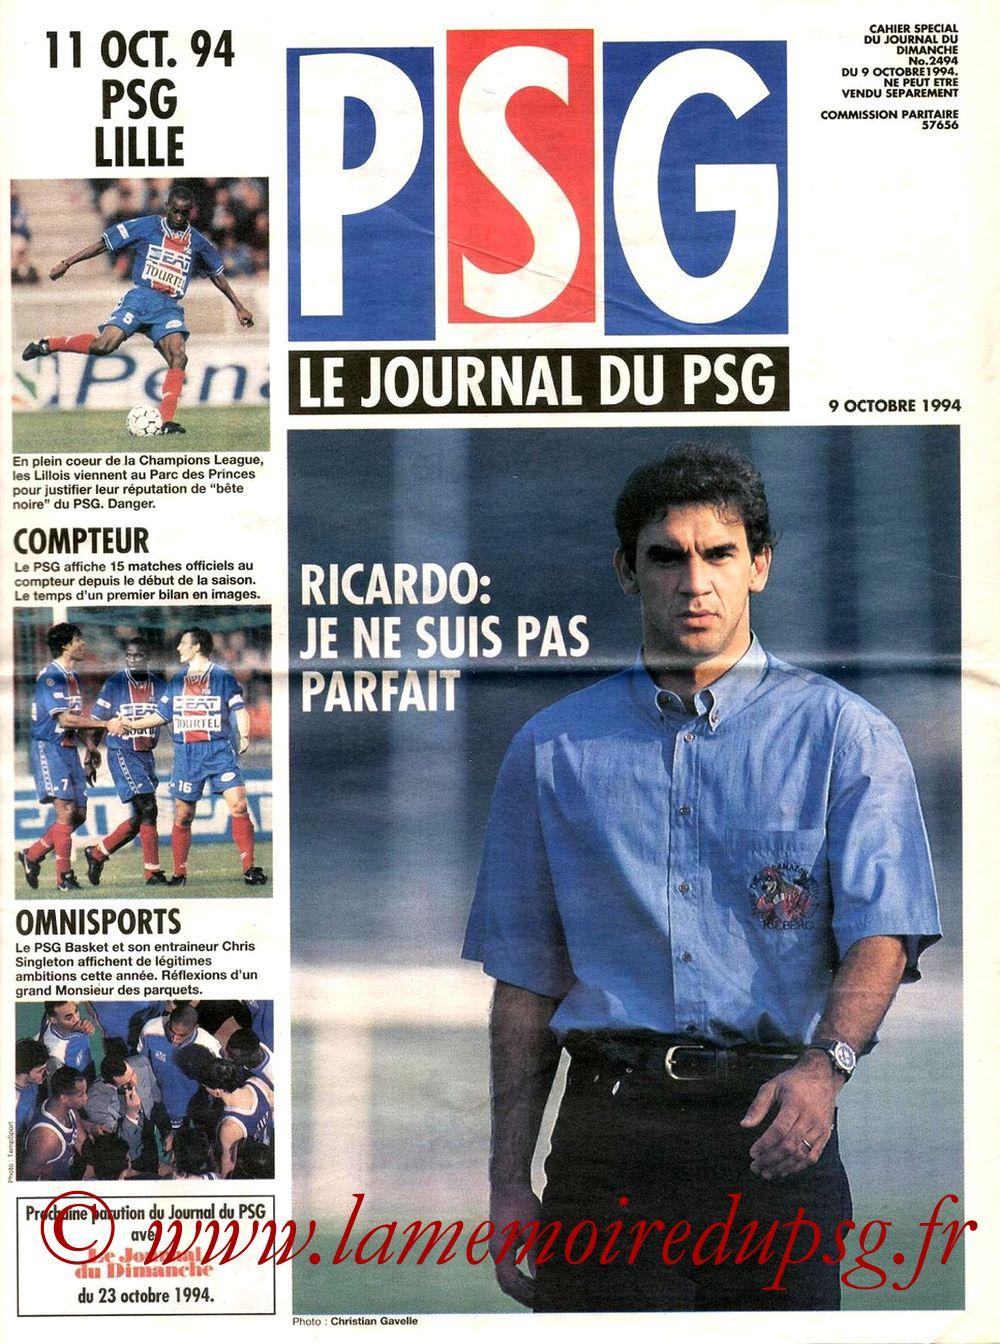 1994-10-11  PSG-Lille (12ème D1, Le journal du PSG N°5)